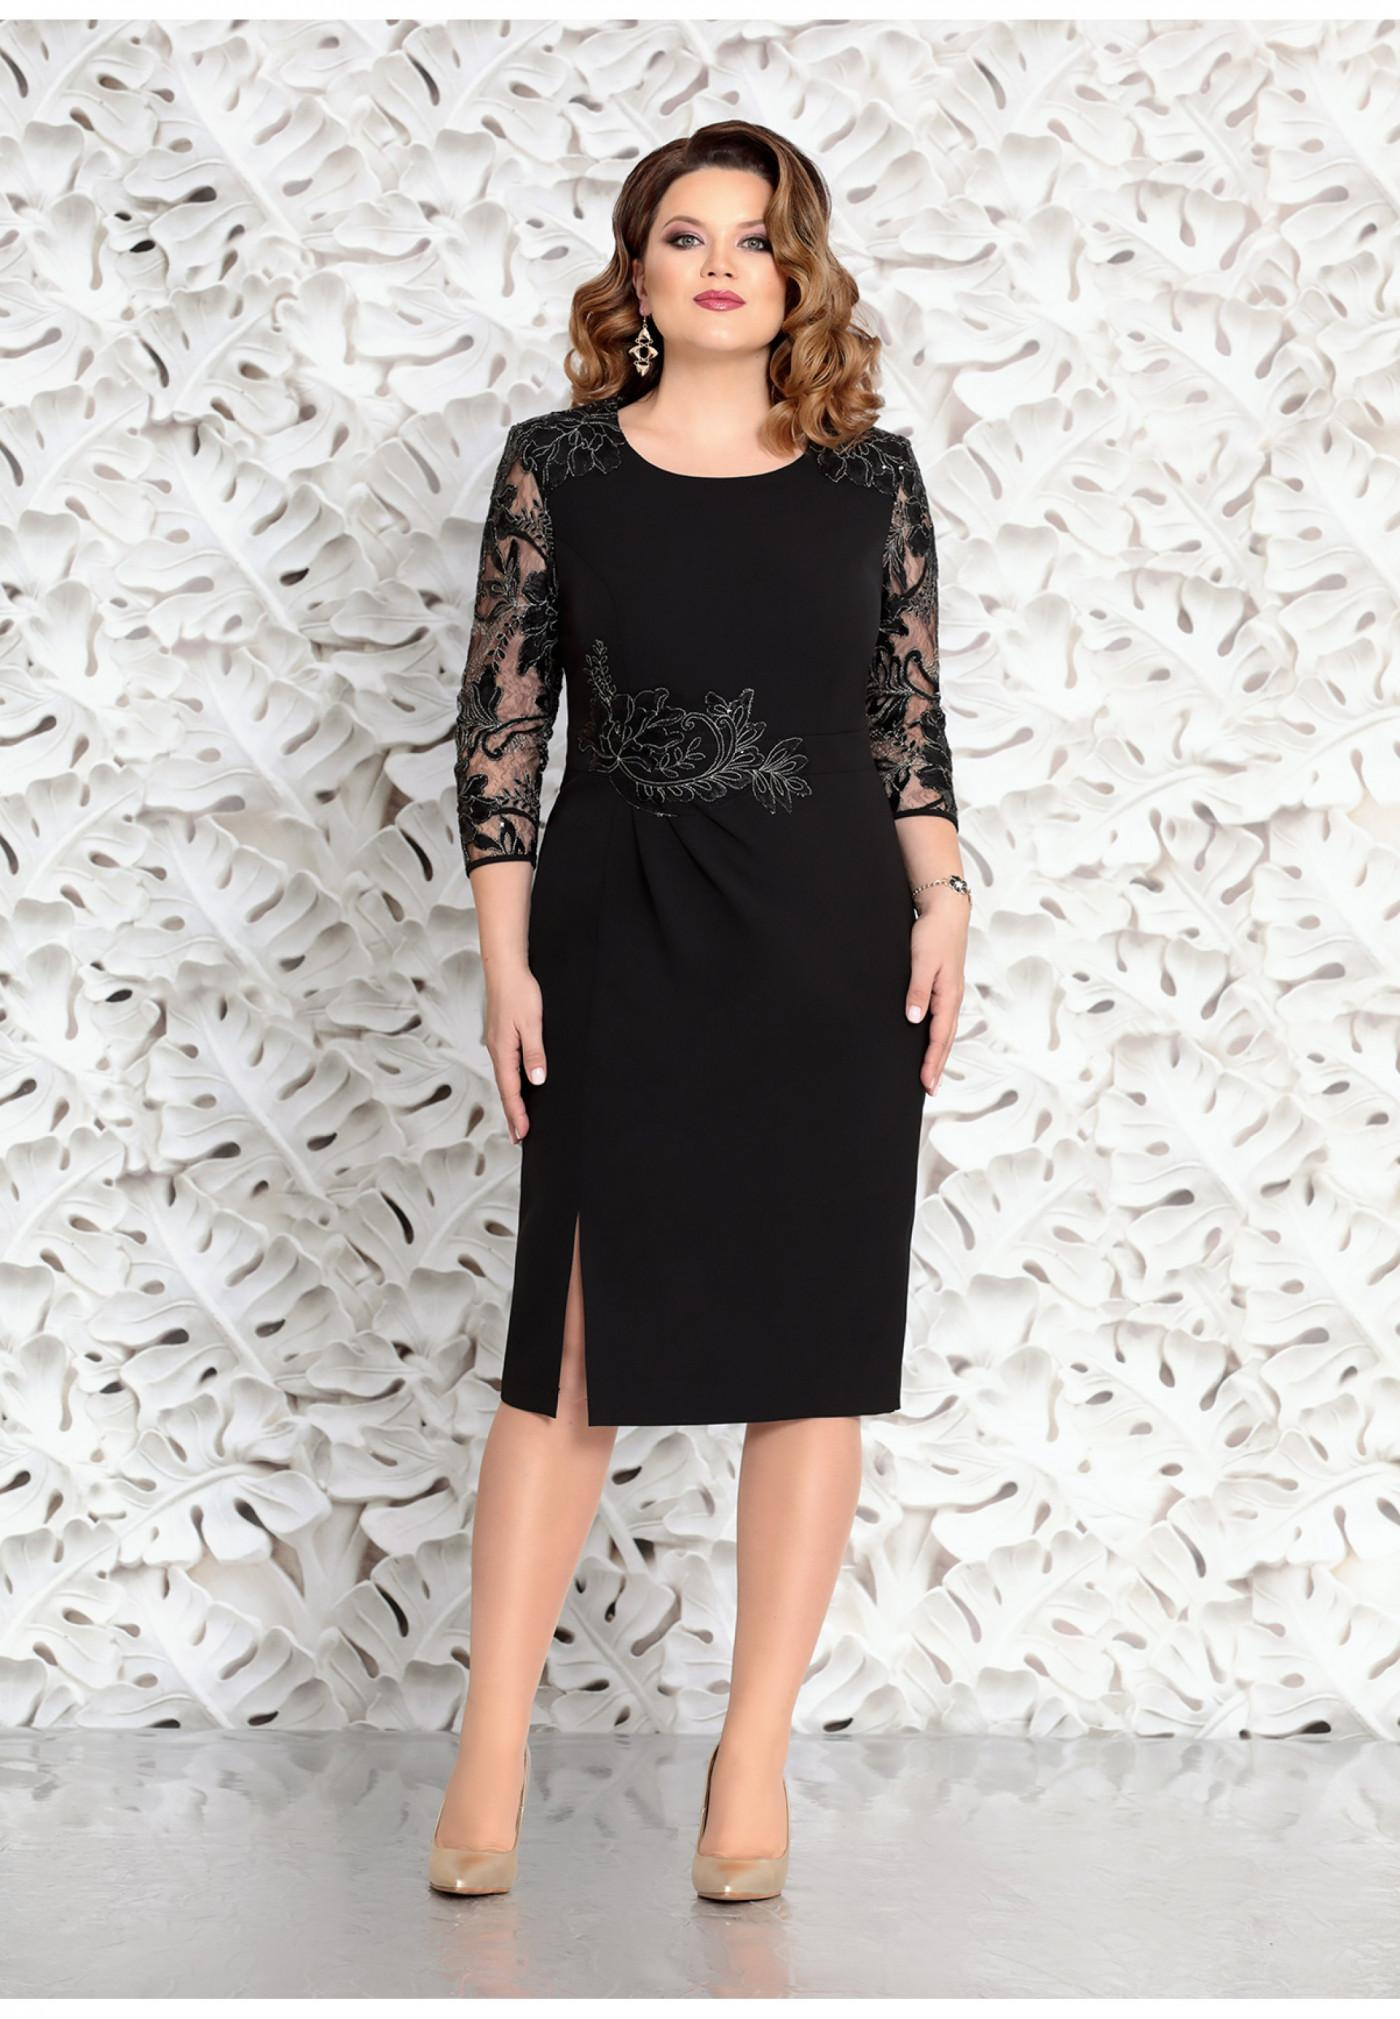 aea5fa84241 Для женщин   Одежда   Платья   Черные платья - 80 штук